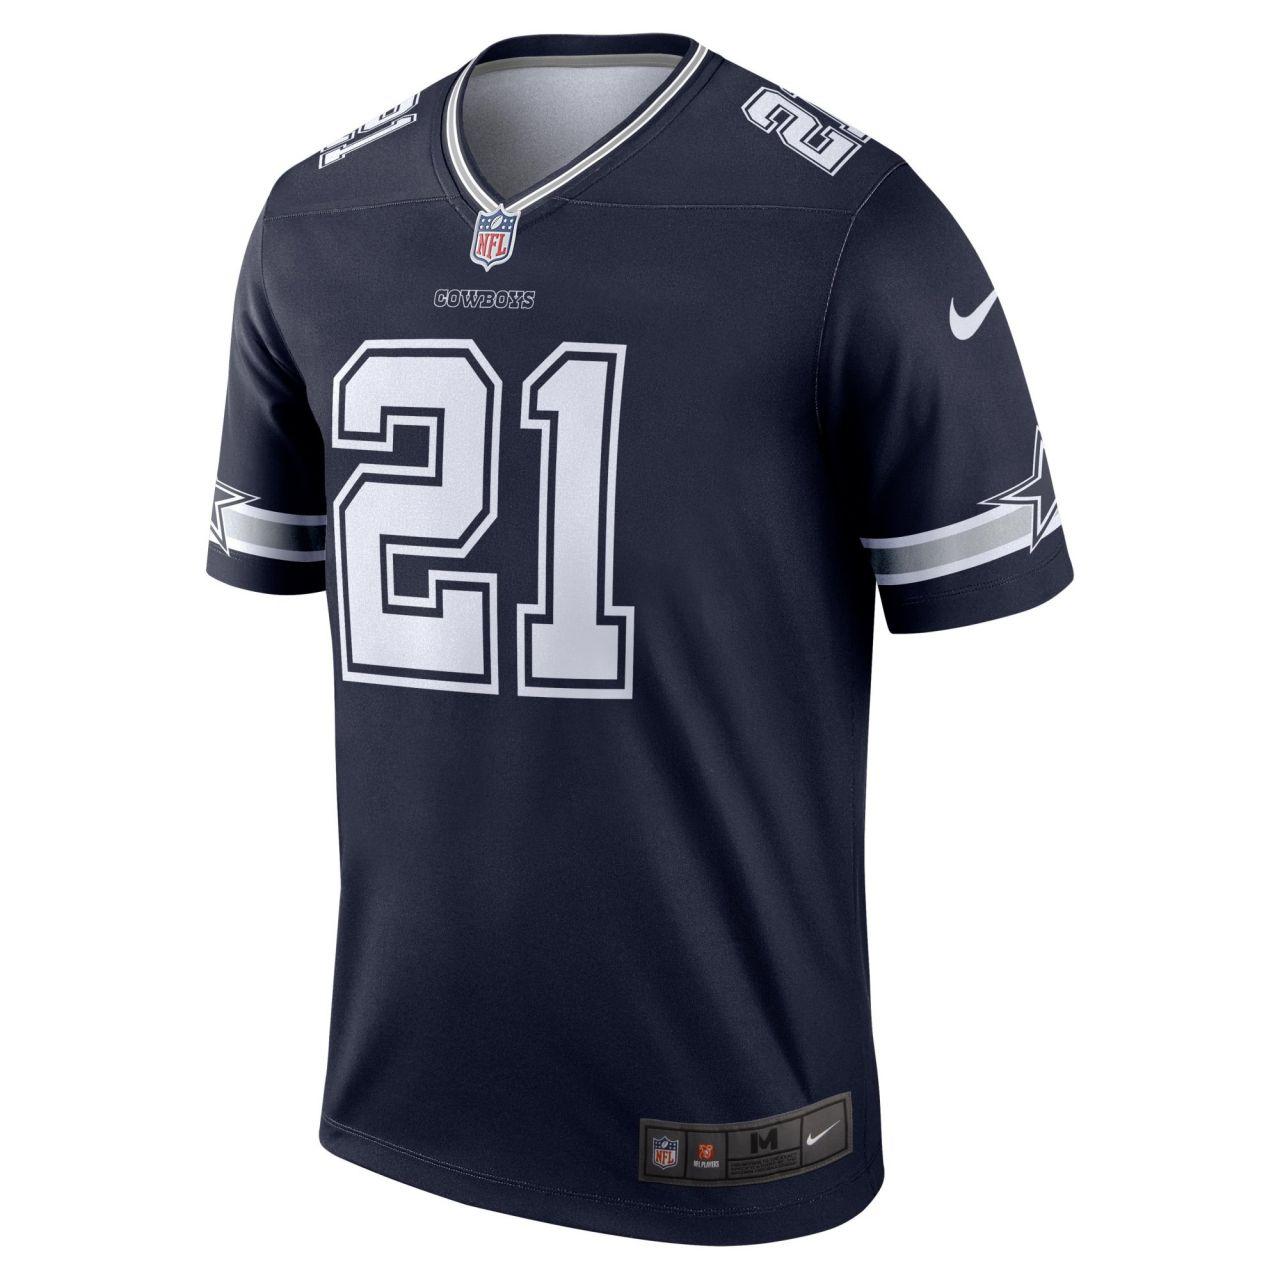 amfoo - Nike LEGEND Jersey Trikot Dallas Cowboys #21 Ezekiel Elliott